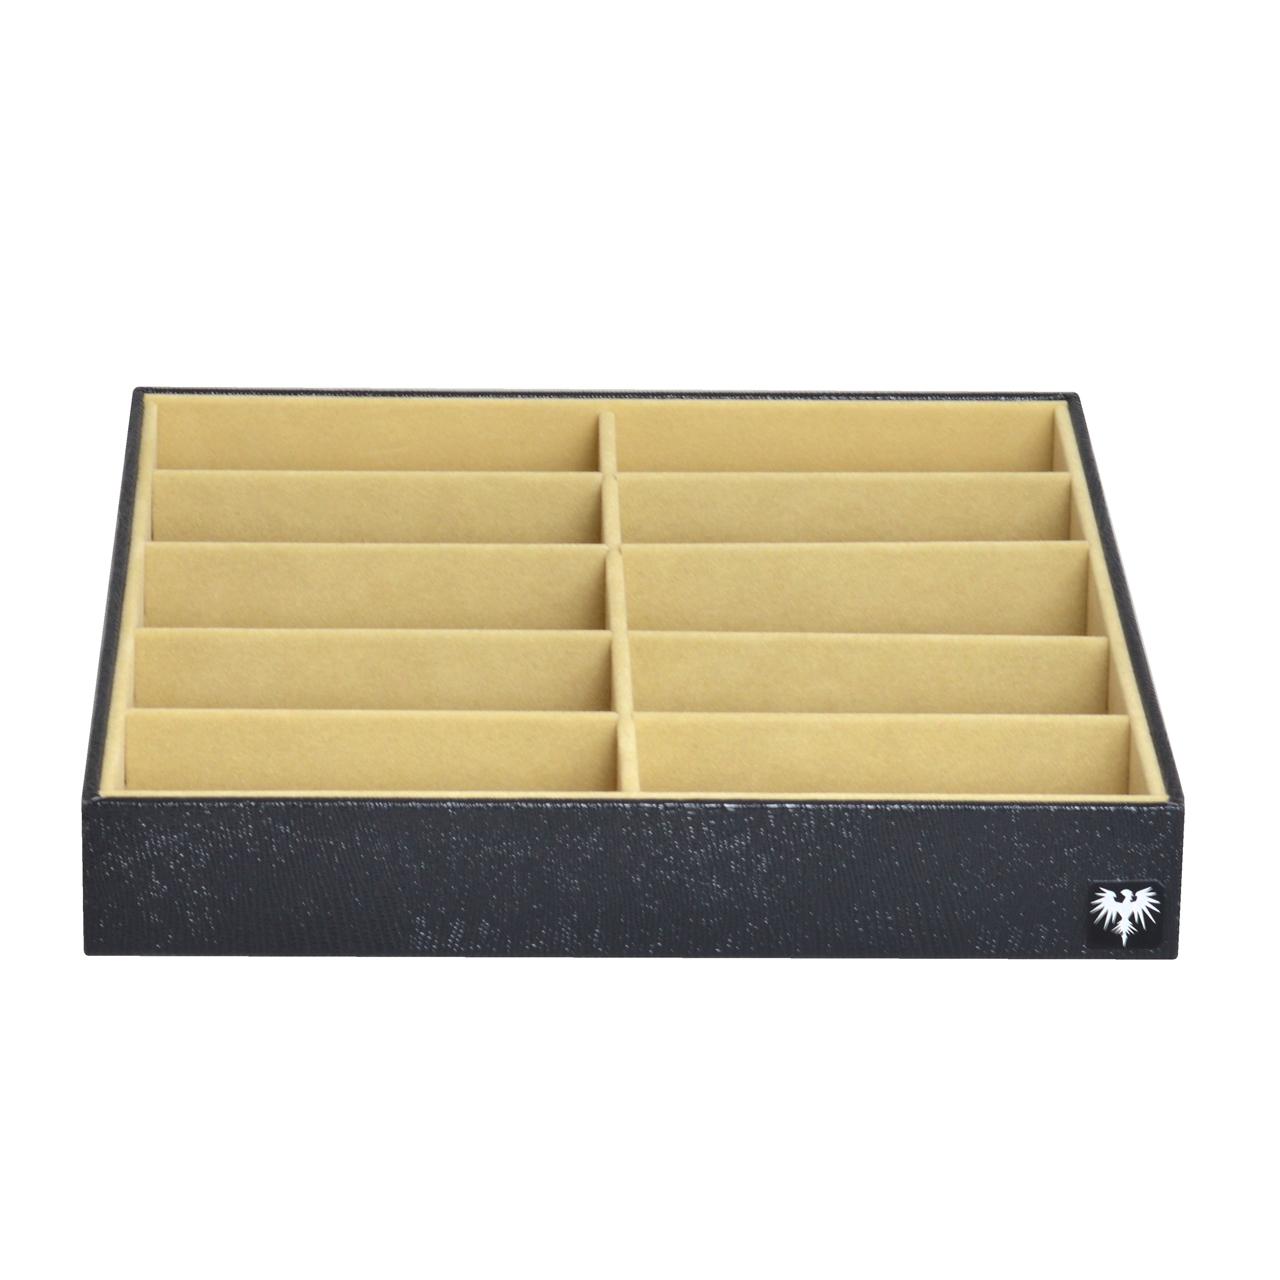 bandeja-couro-ecologico-10-oculos-preto-bege-porta-closet-imagem-3.jpg